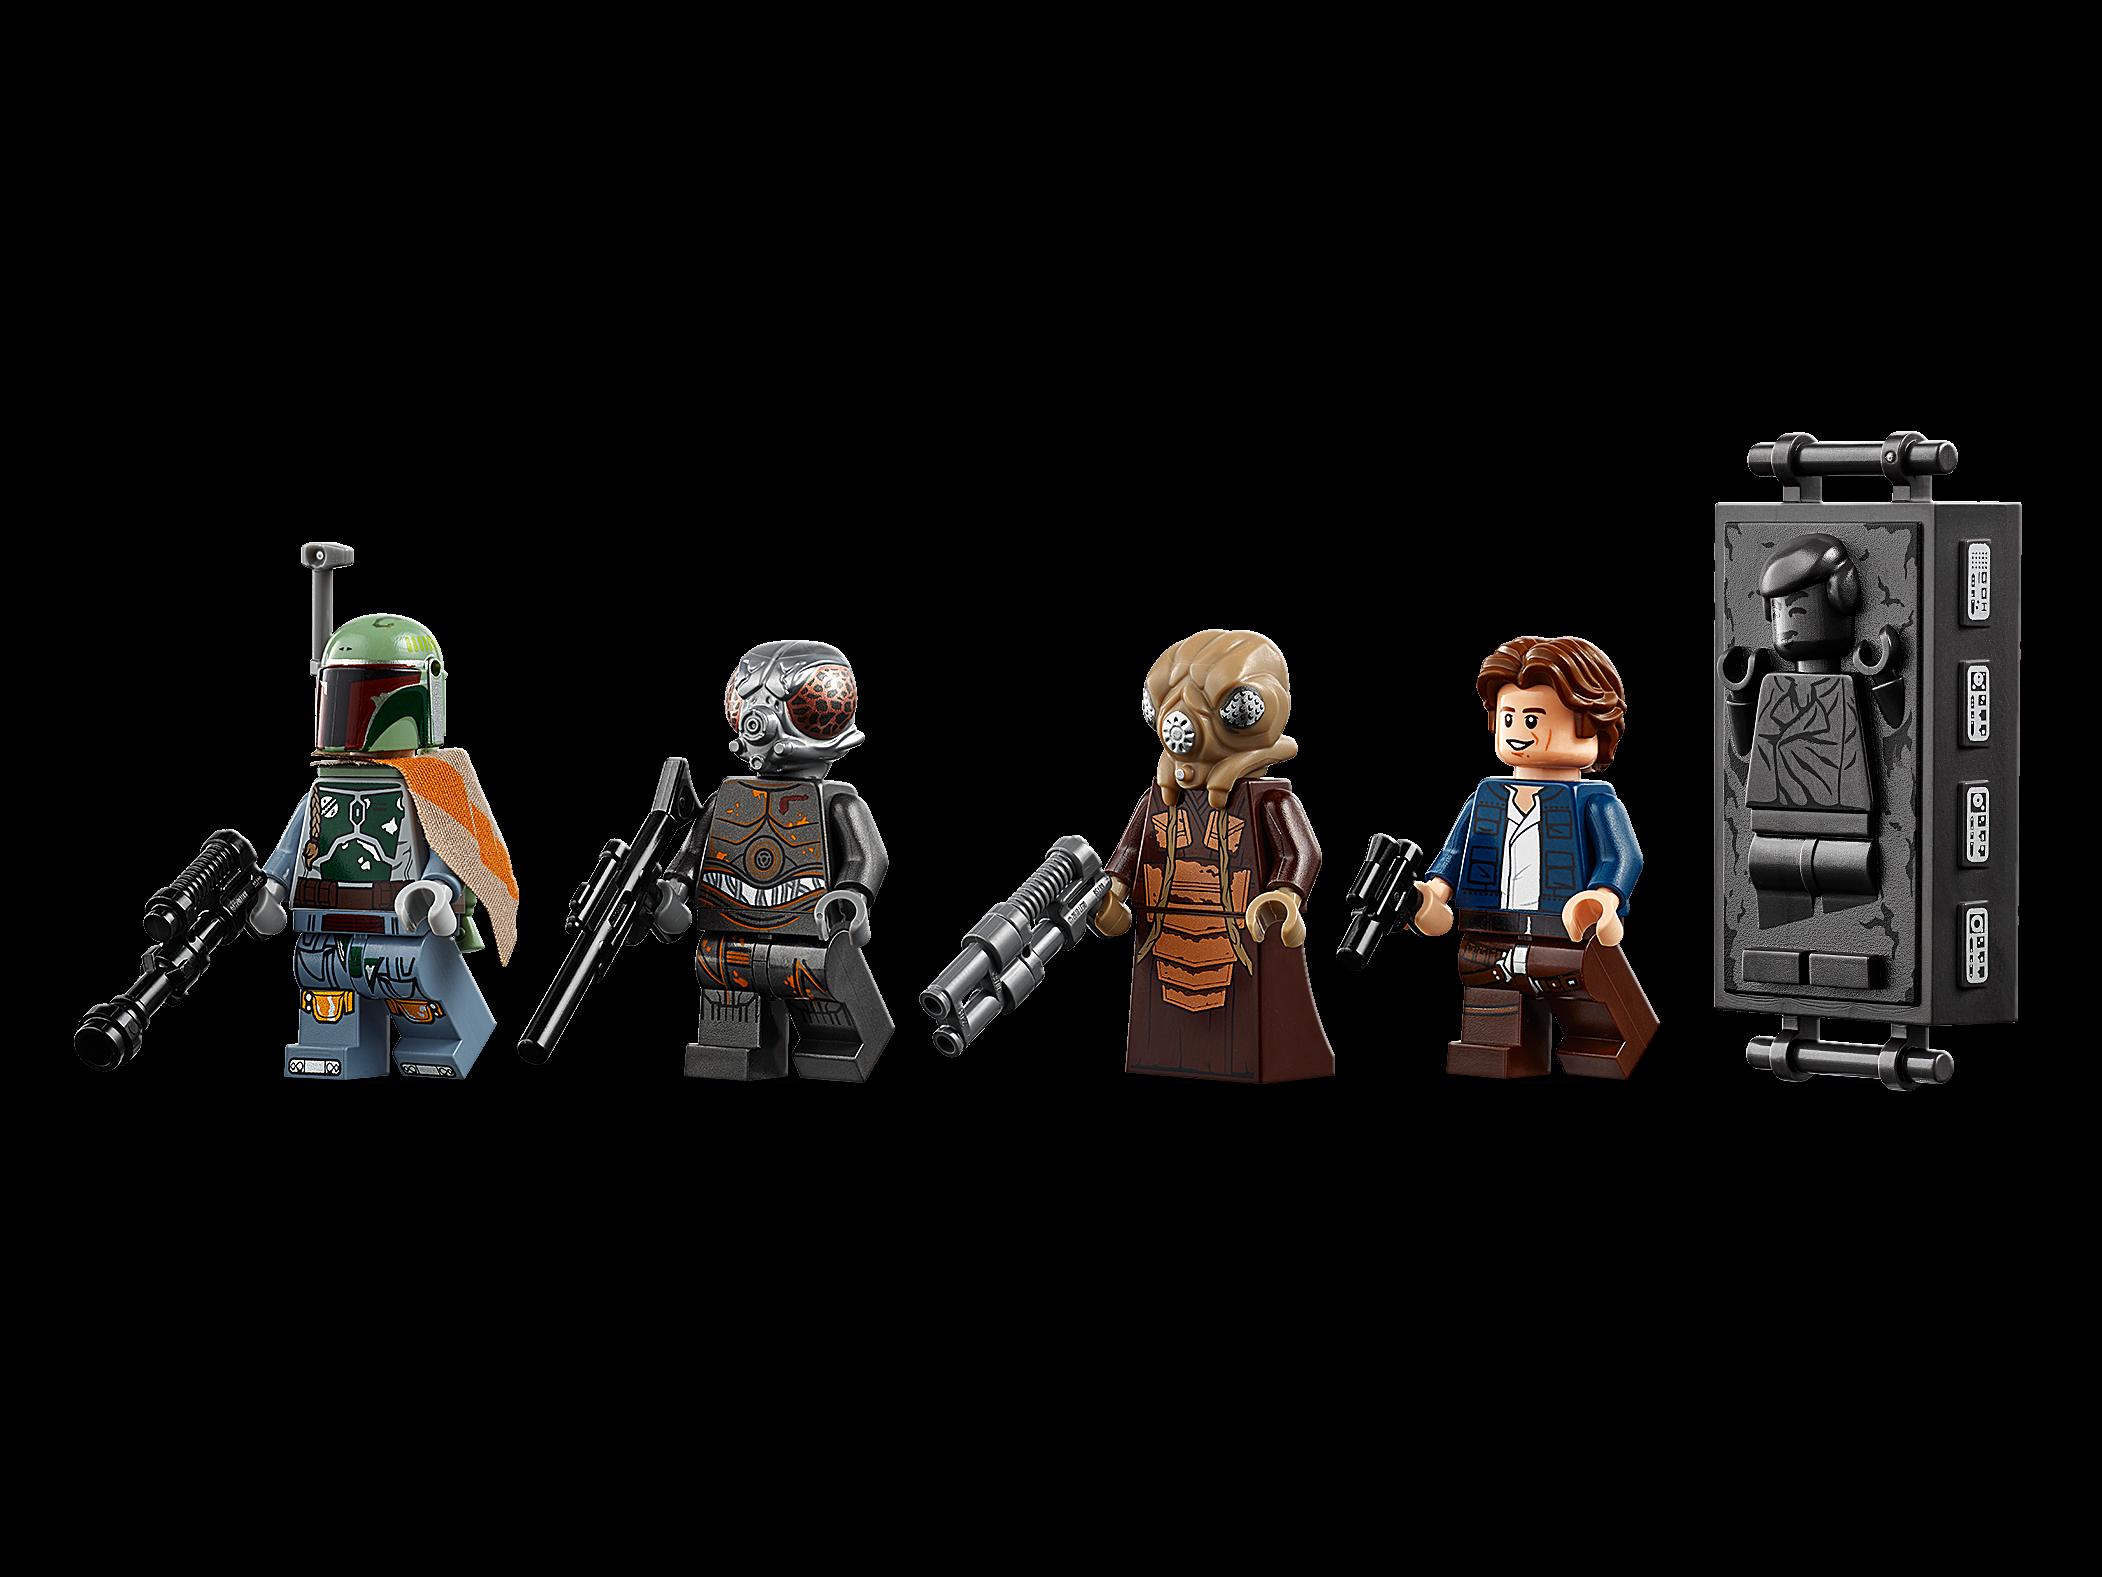 LEGO Star Wars 75243 HAN SOLO FIGURE